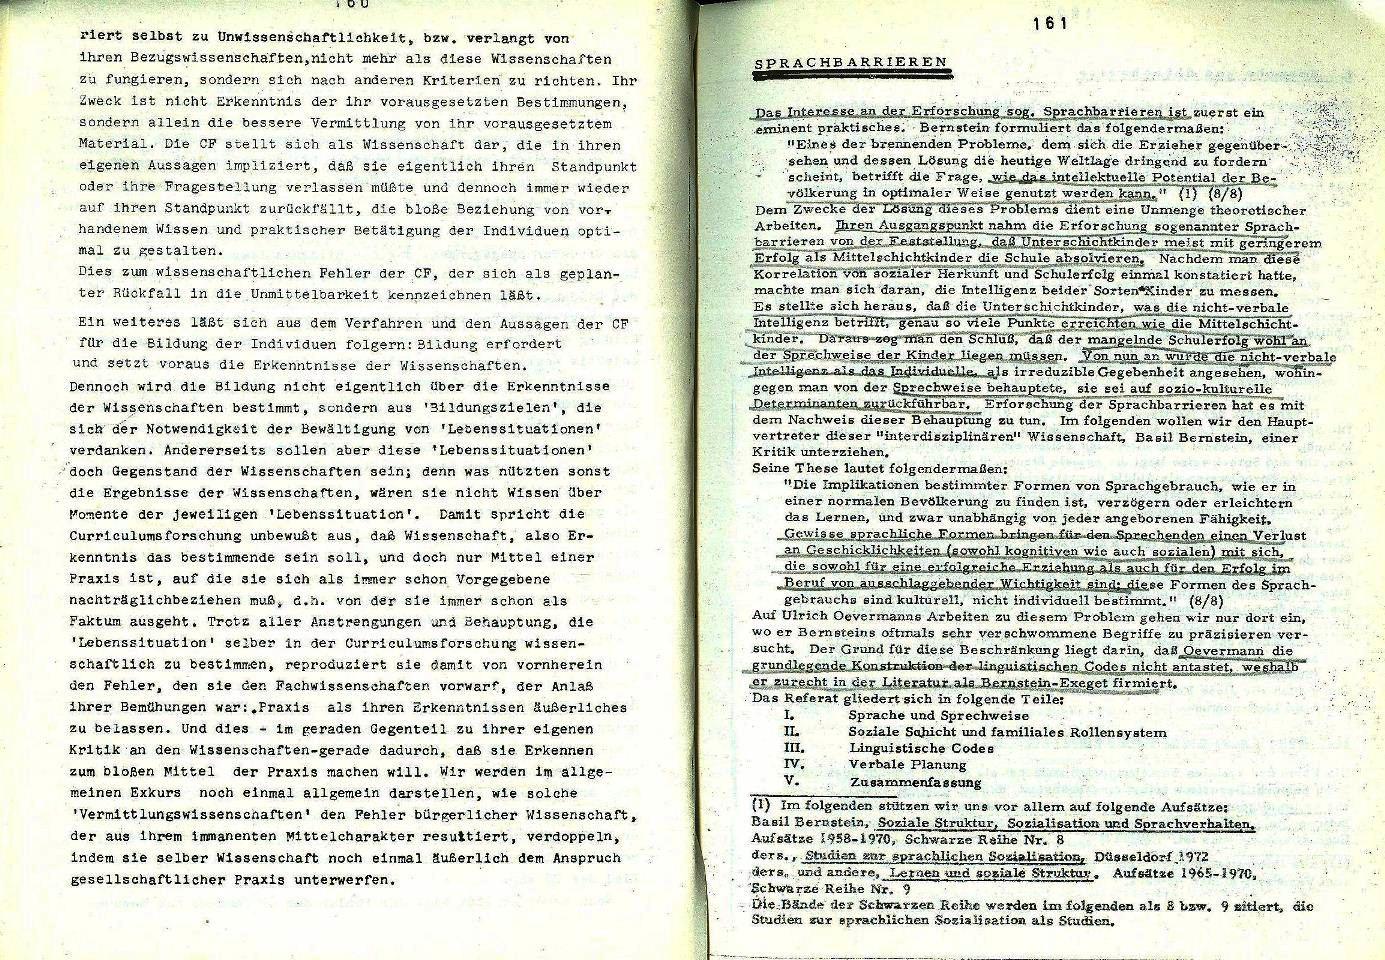 Muenchen_AK_Sozialistisches_Studium084